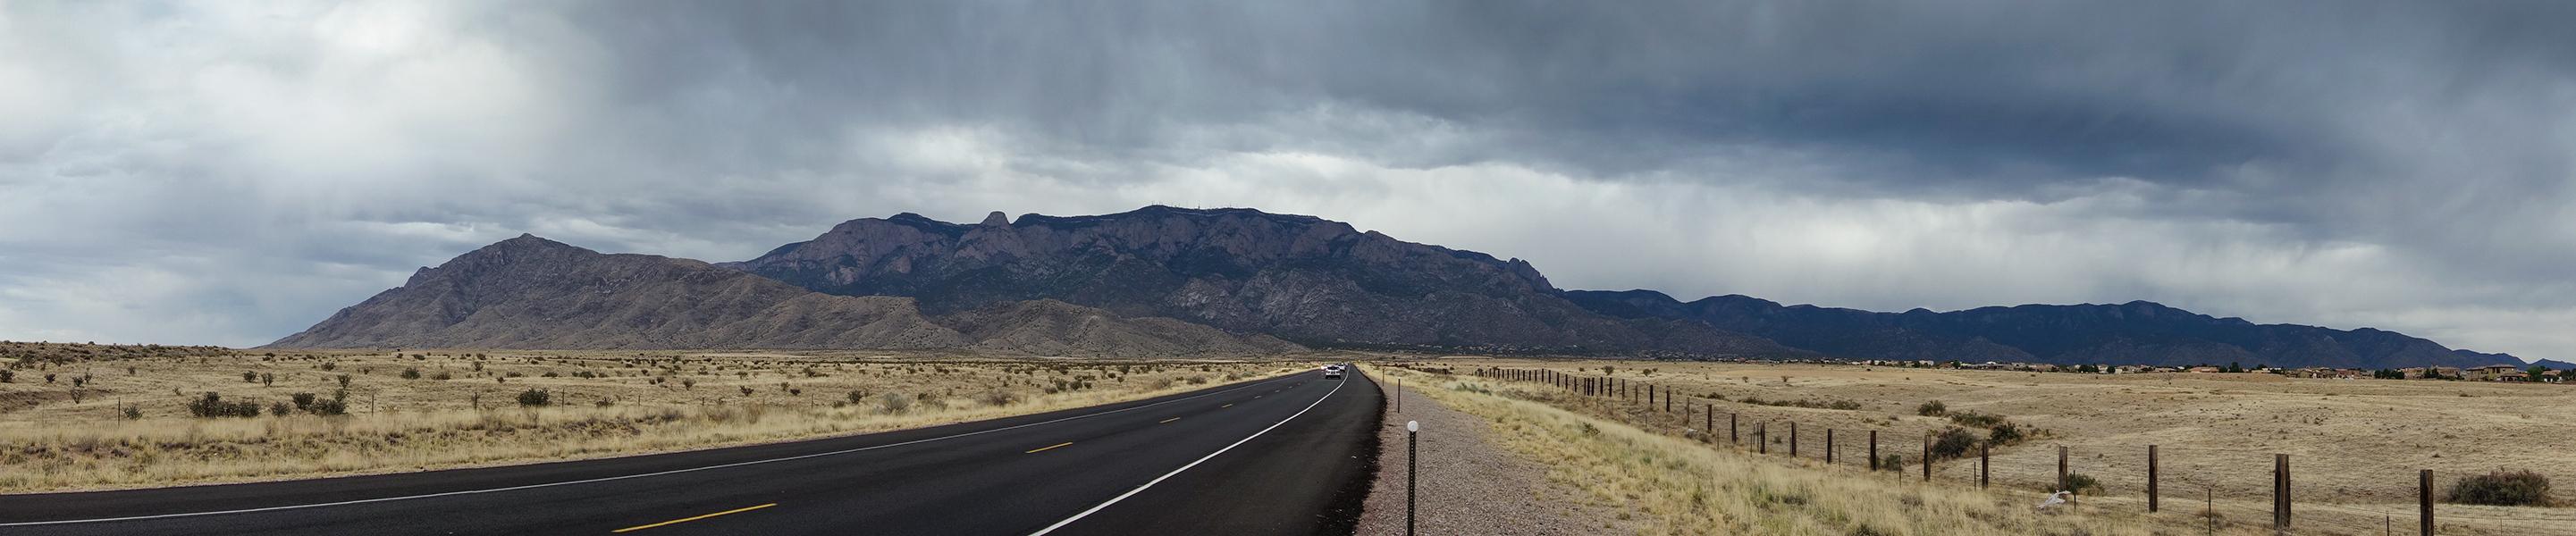 Approaching the Sandia Mountains, Albuquerque